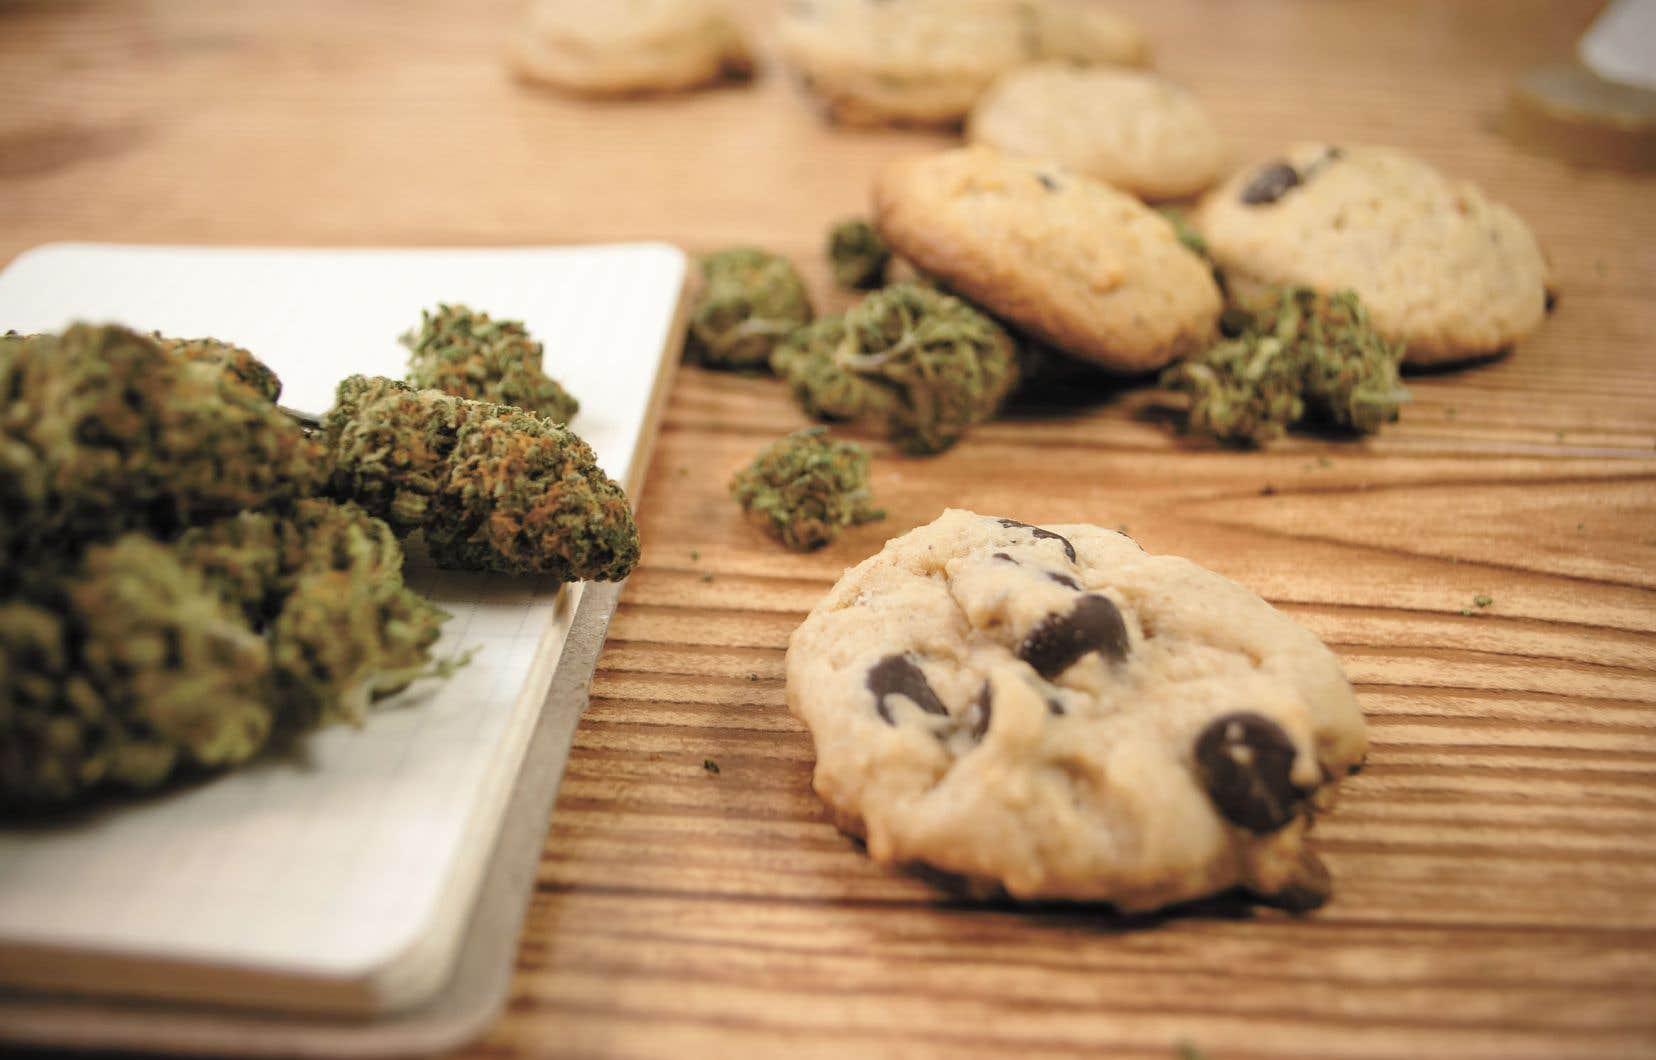 Les directeurs régionaux de Santé publique craignent que la diversification des produits comestibles à base de cannabis attire de nouveaux consommateurs et banalise l'usage de la drogue.